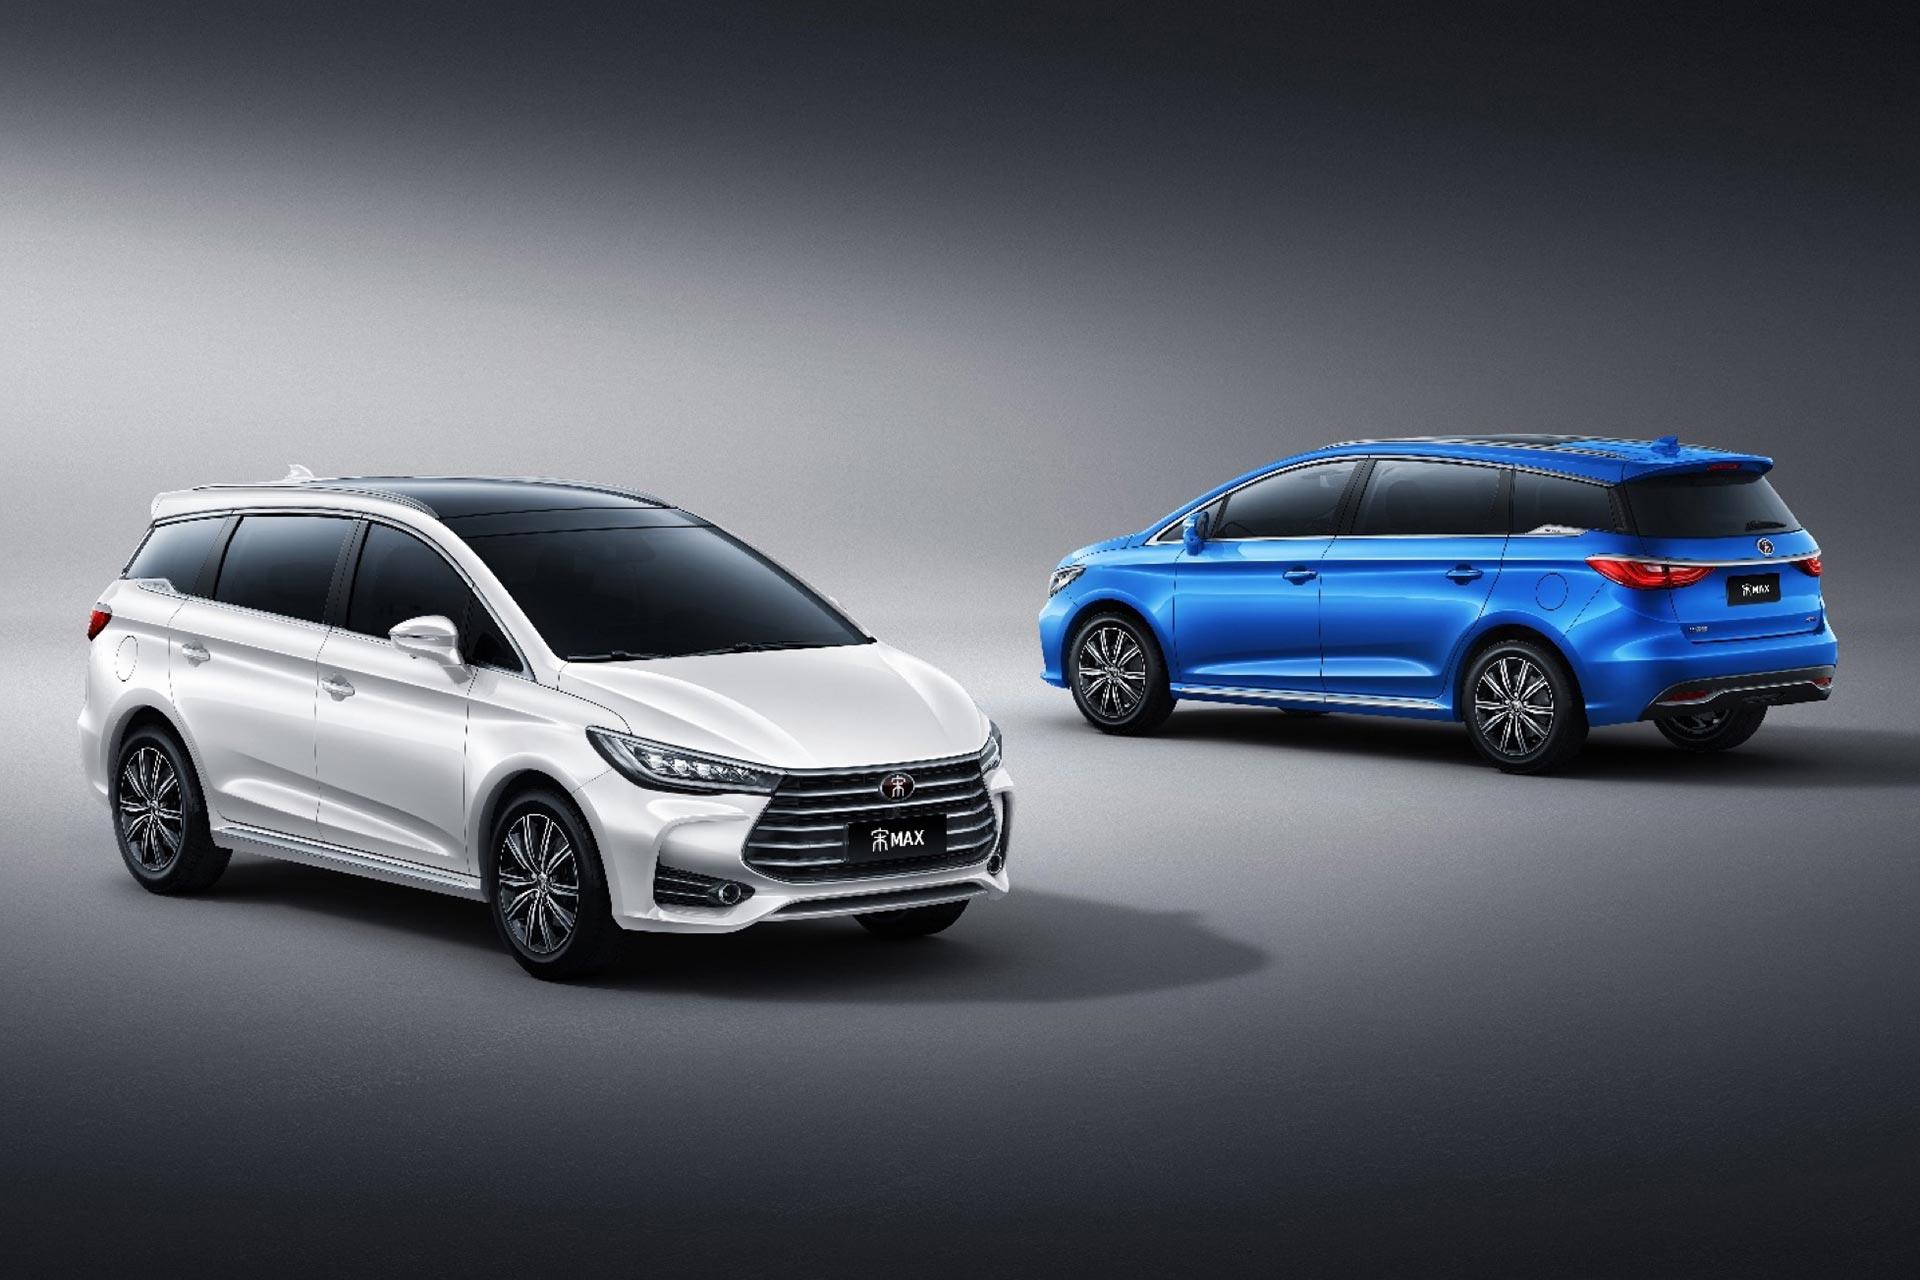 宋max 是一款采用比亚迪最新家族式设计的 7 座 mpv 车型,并采用了 2